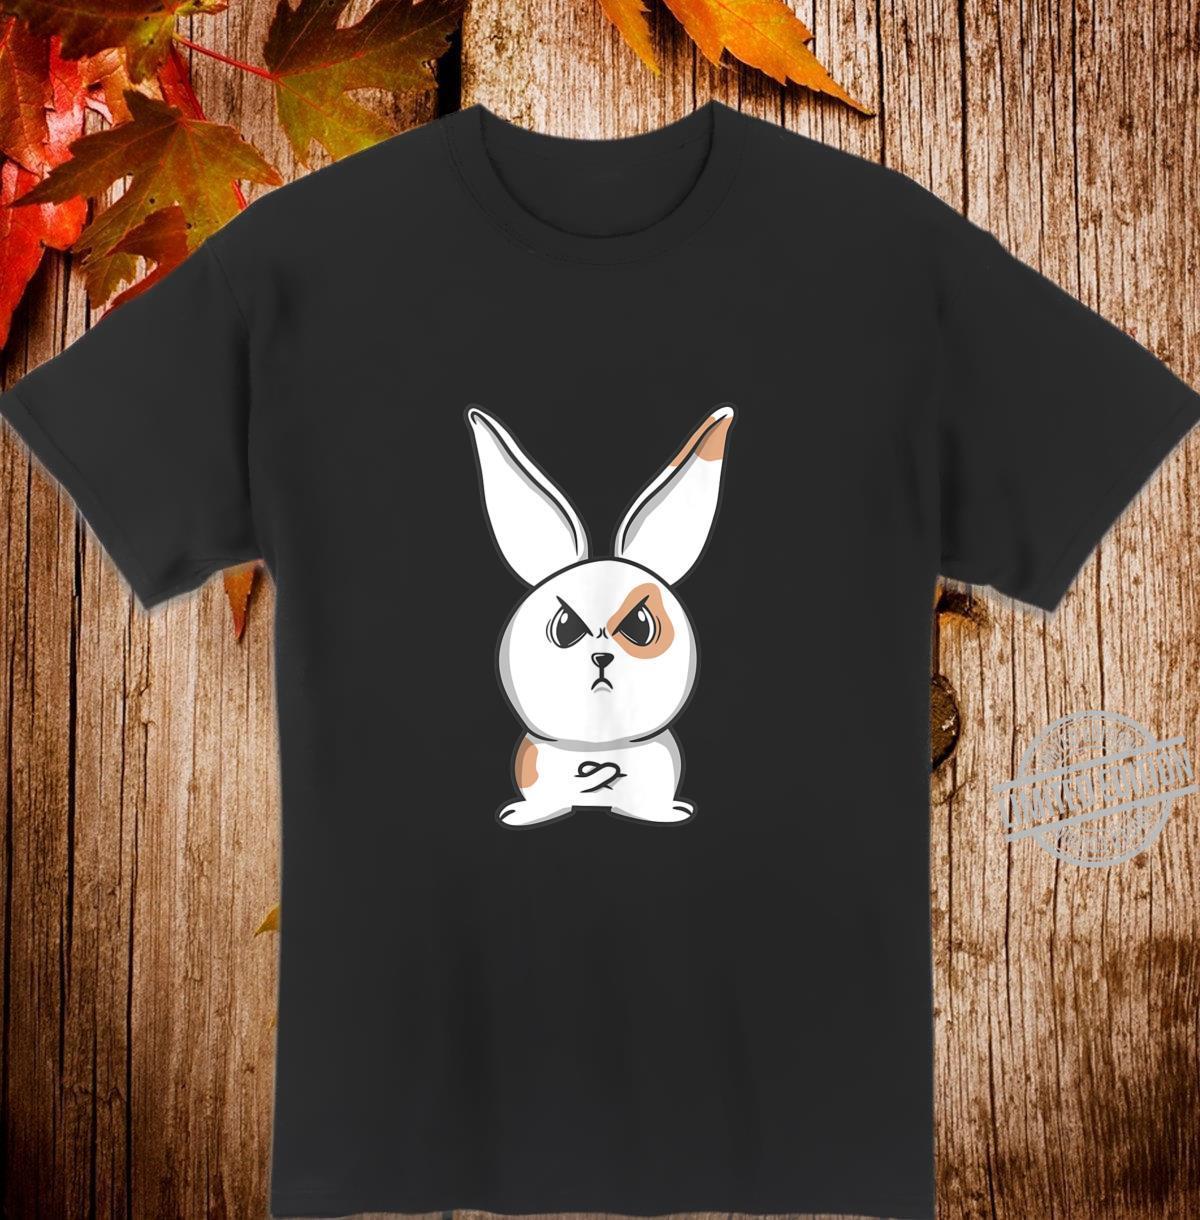 Angry Grumpy Bunny Shirt